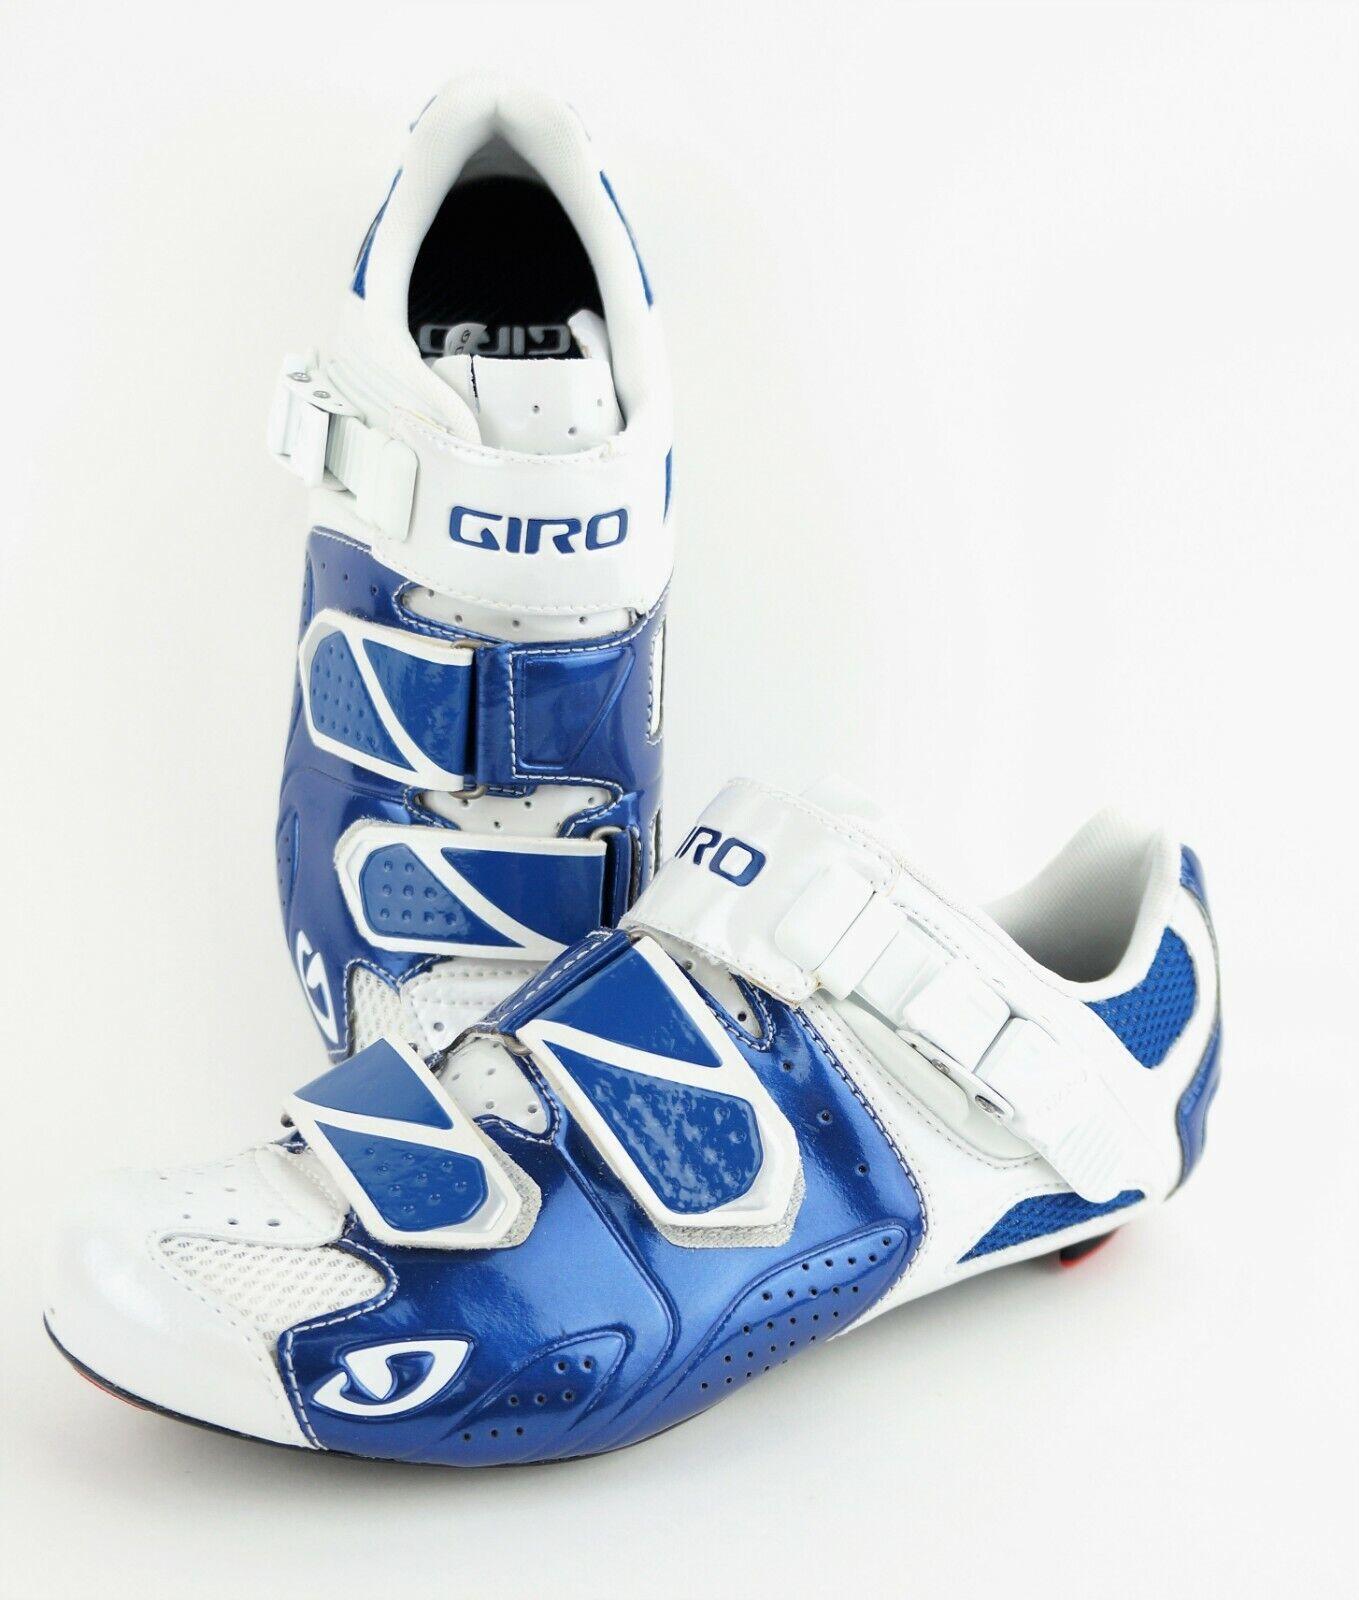 GIRO Trans Herren US 6.75 Blau Weiß Radfahren schuhe  180 MSRP